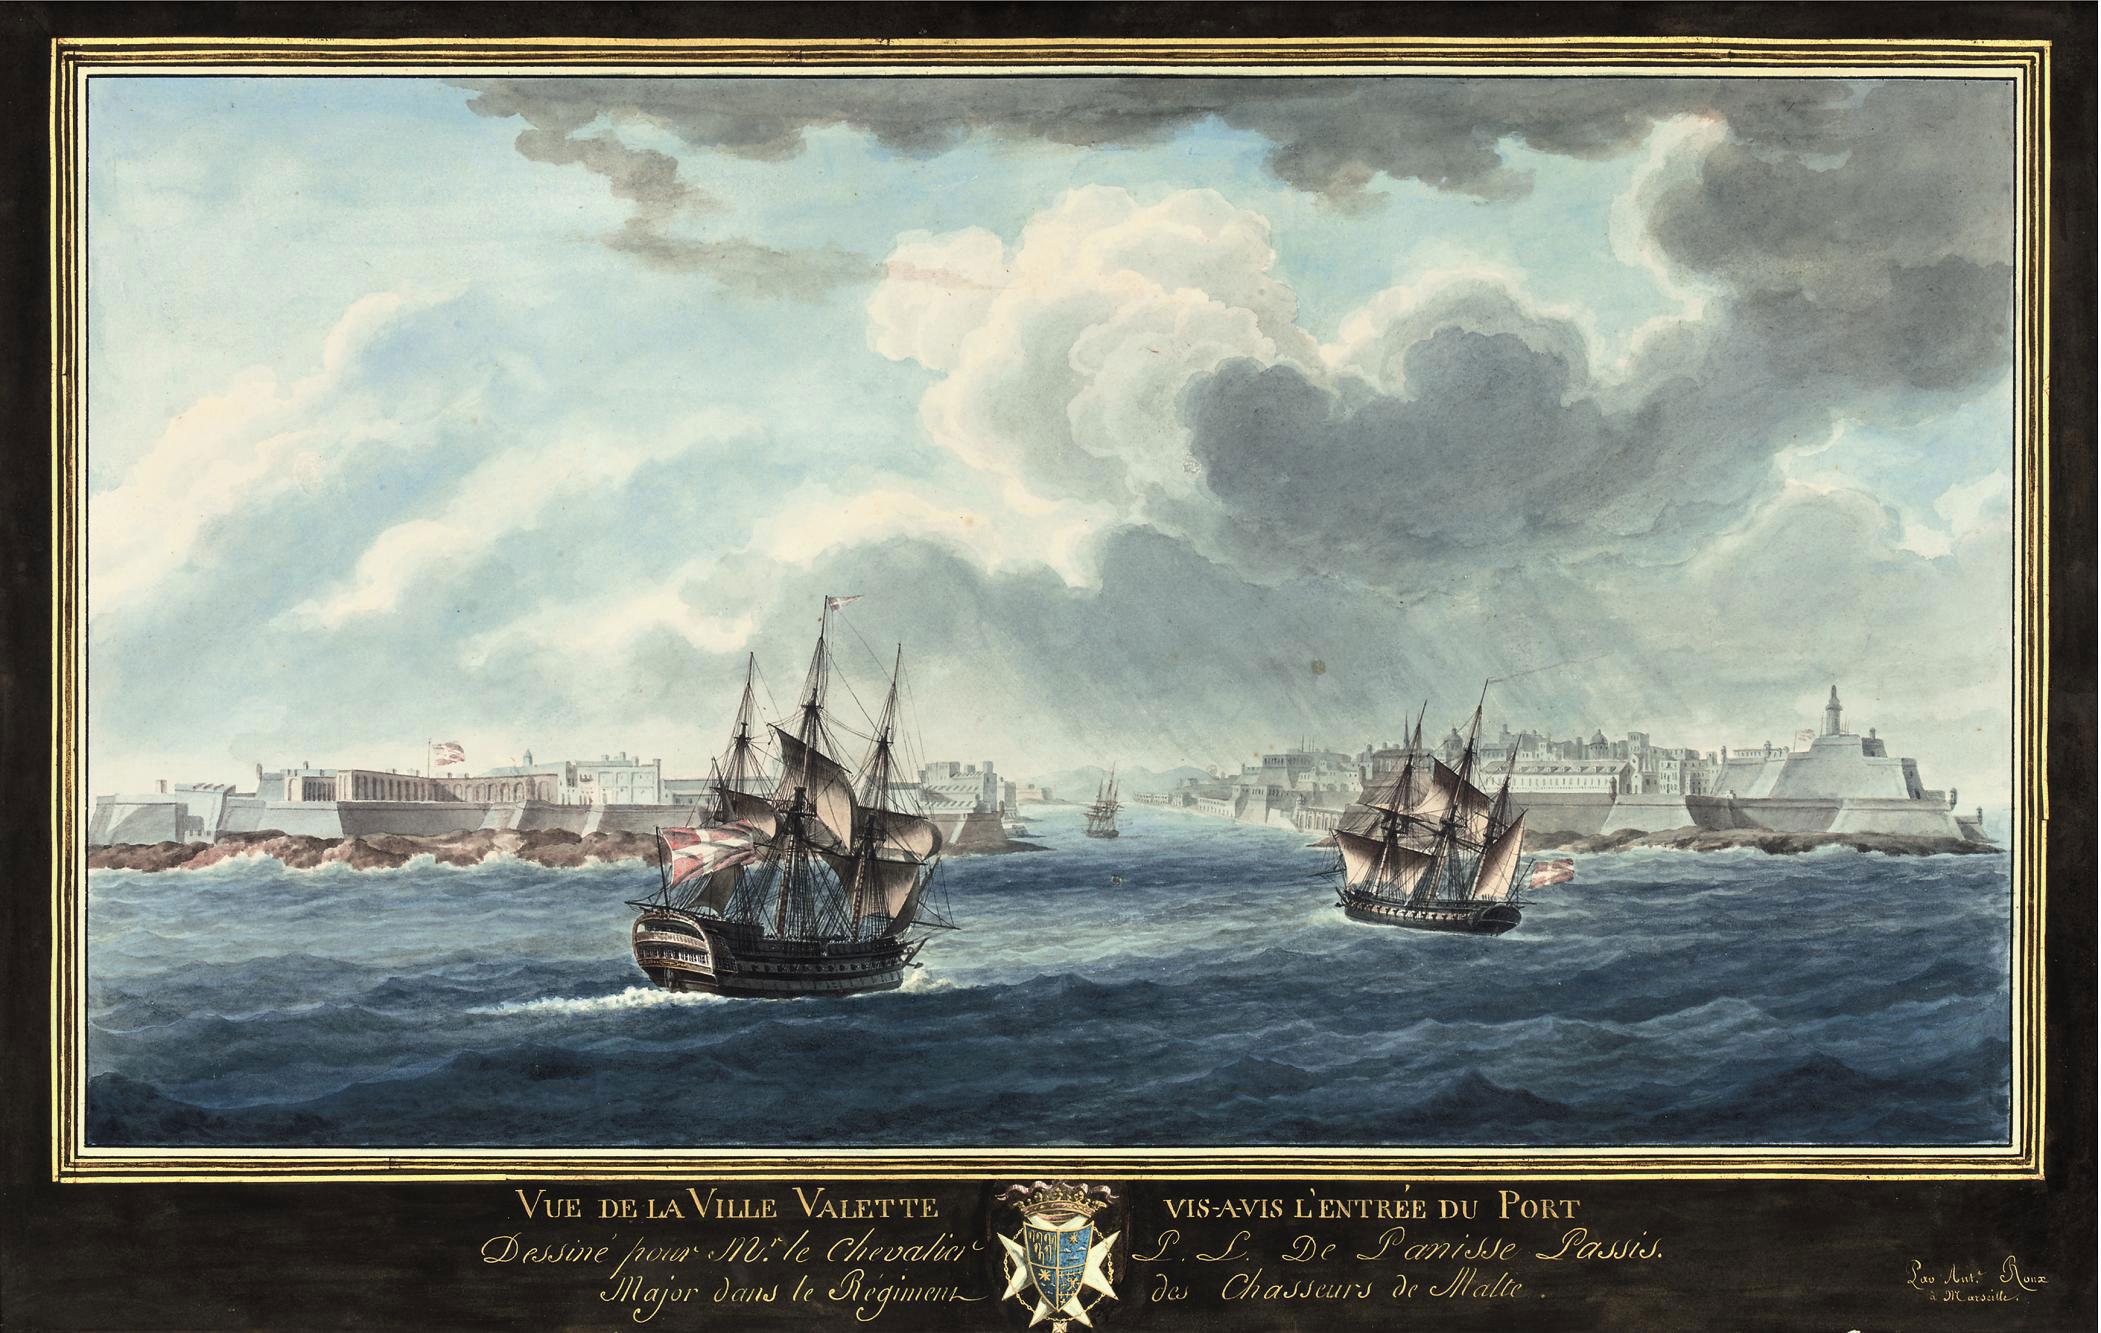 Vue de la Ville Valette vis-à-vis l'entrée du port